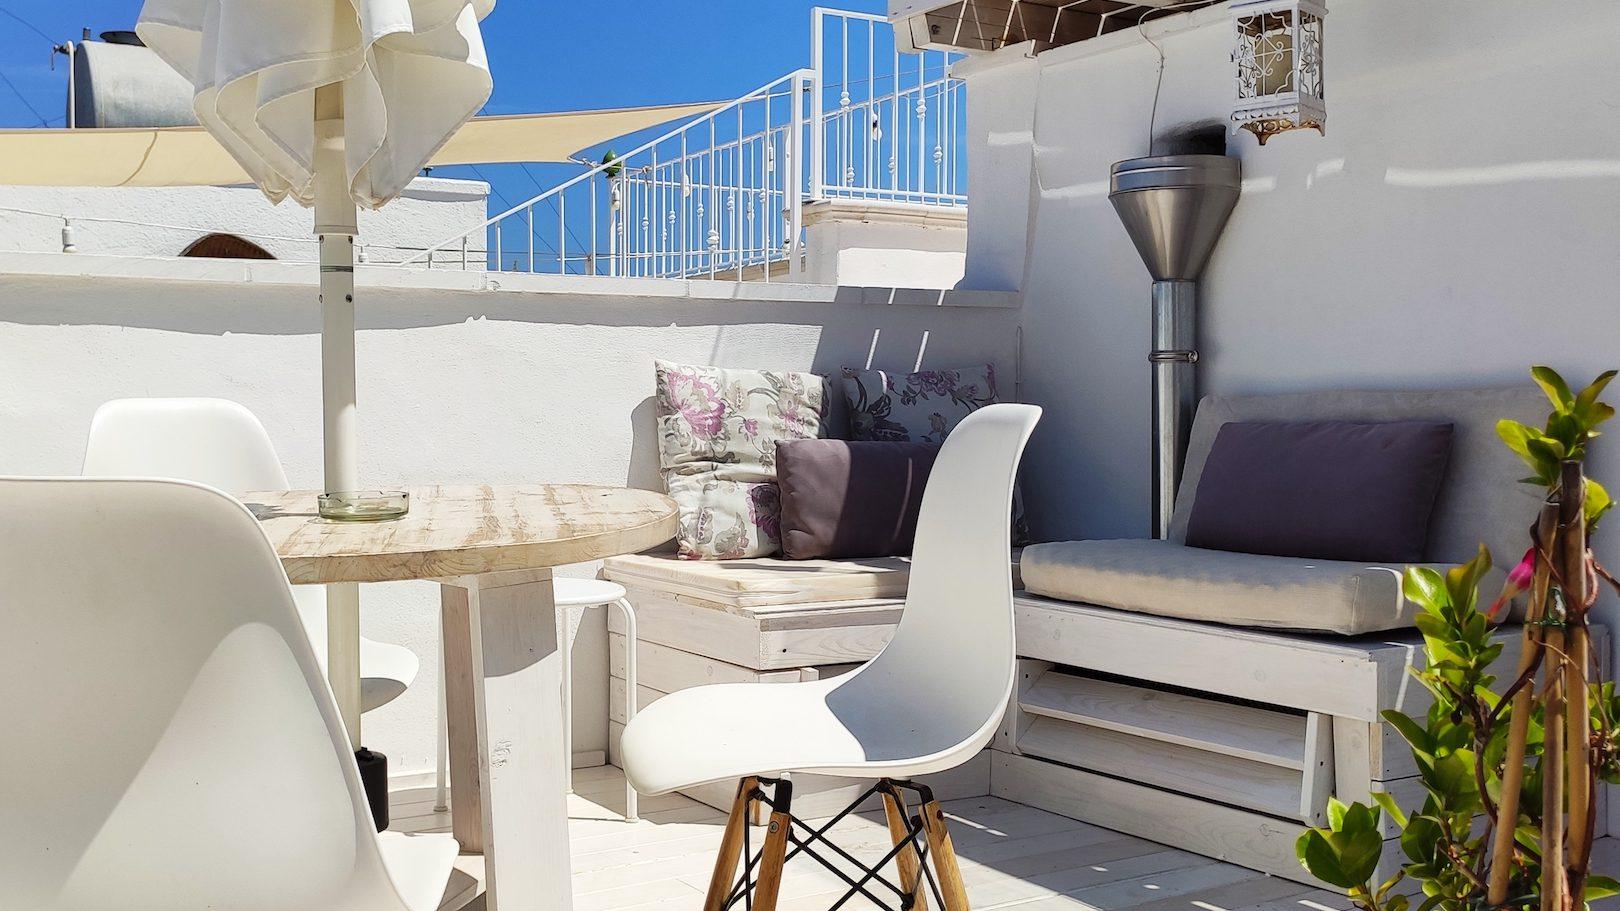 Glimpse of the lower terrace at Casa dei Fiori holiday vacation rental home in Ostuni Puglia